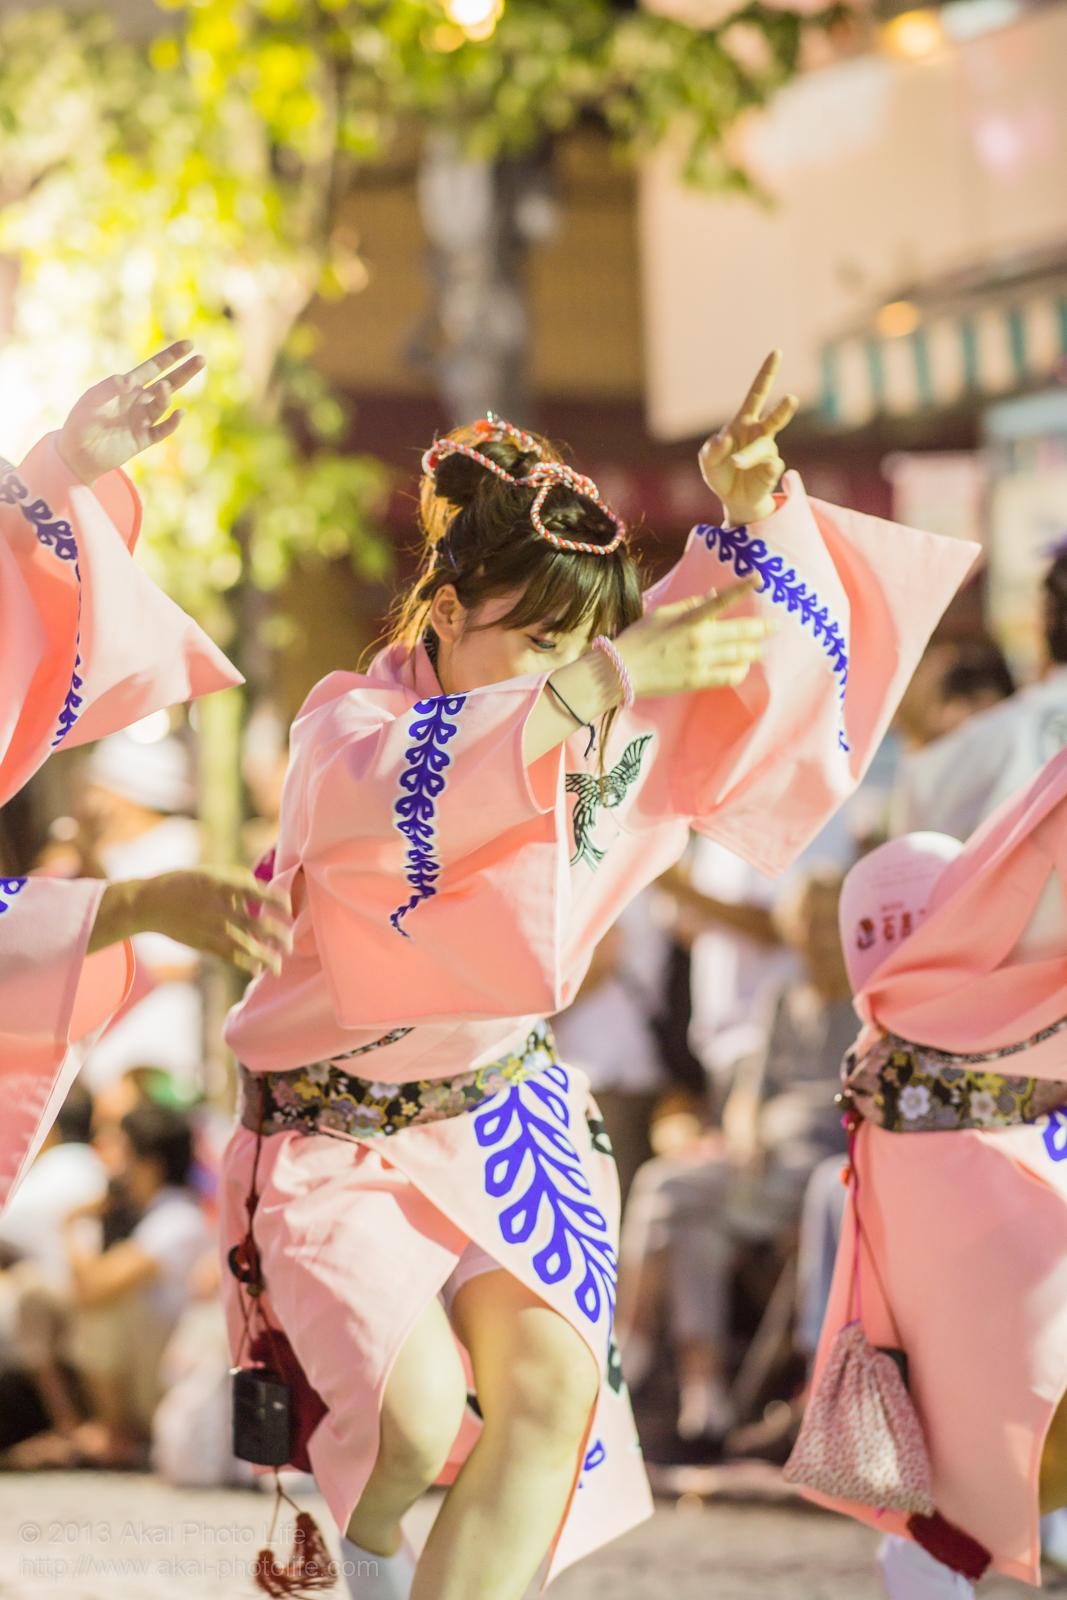 三鷹阿波踊り、りずむ連の女性の男踊り